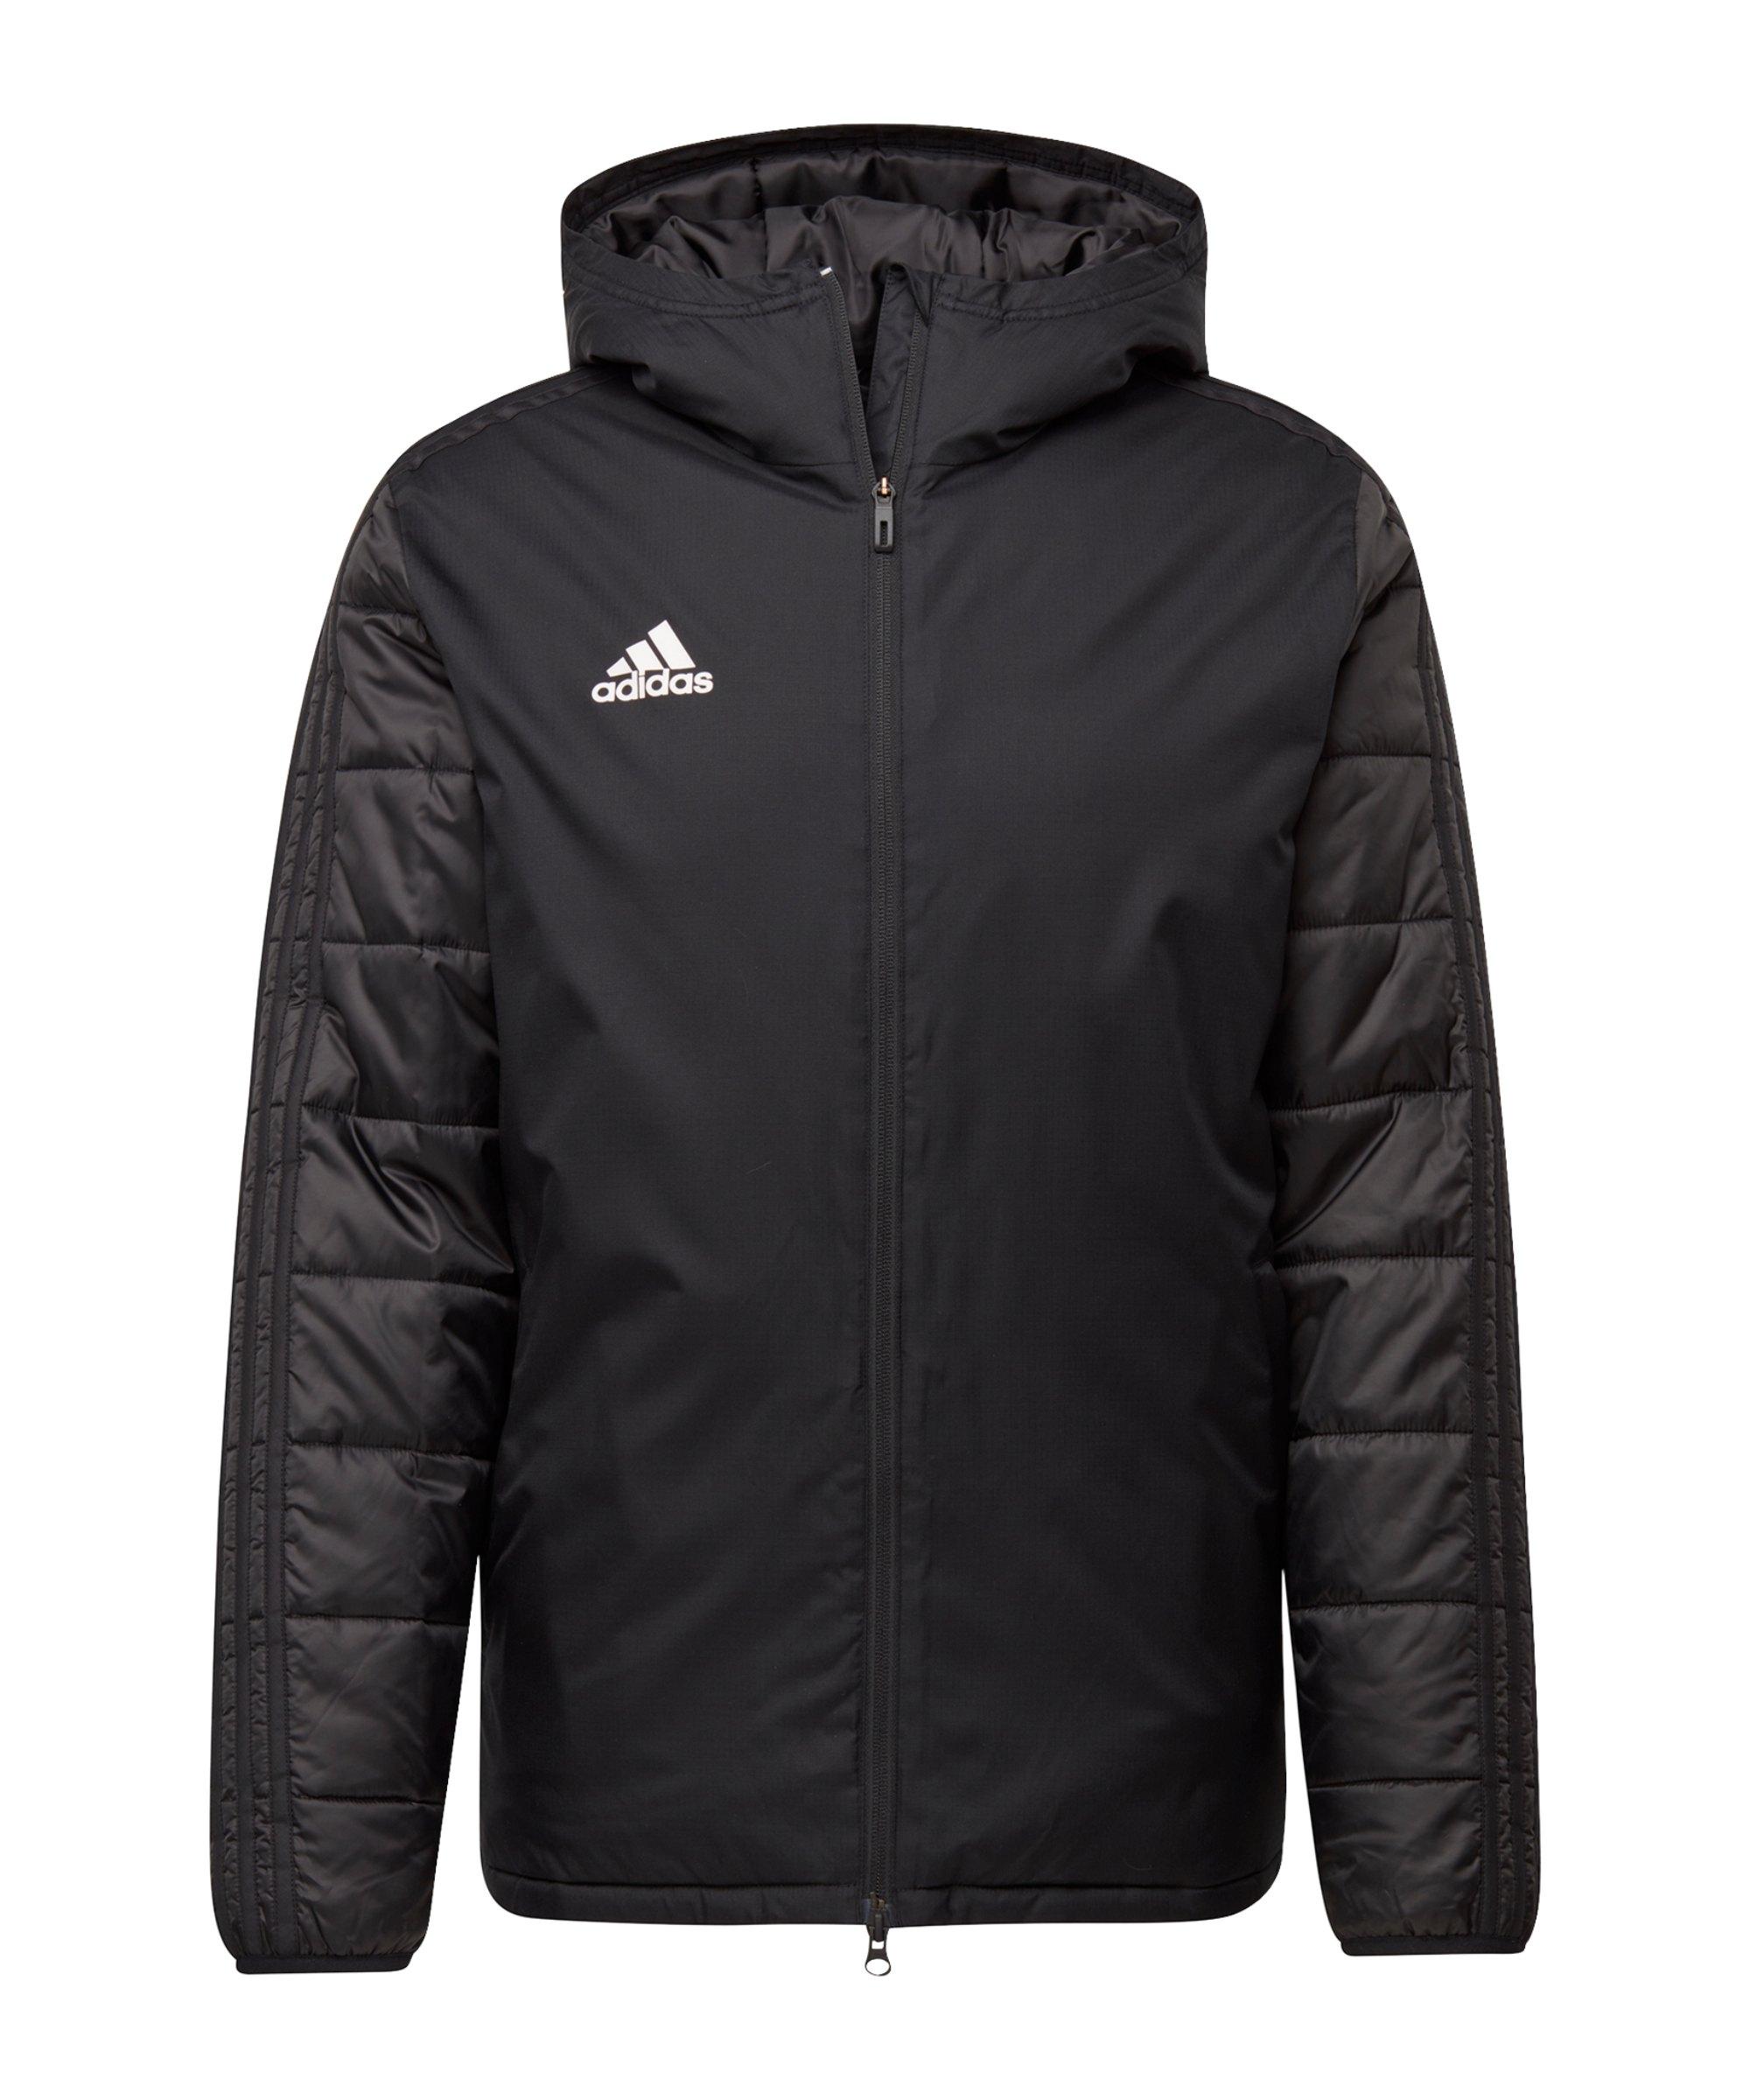 Condivo Adidas Winter Jacket Jacke Schwarz 18 OXiuTPkZ